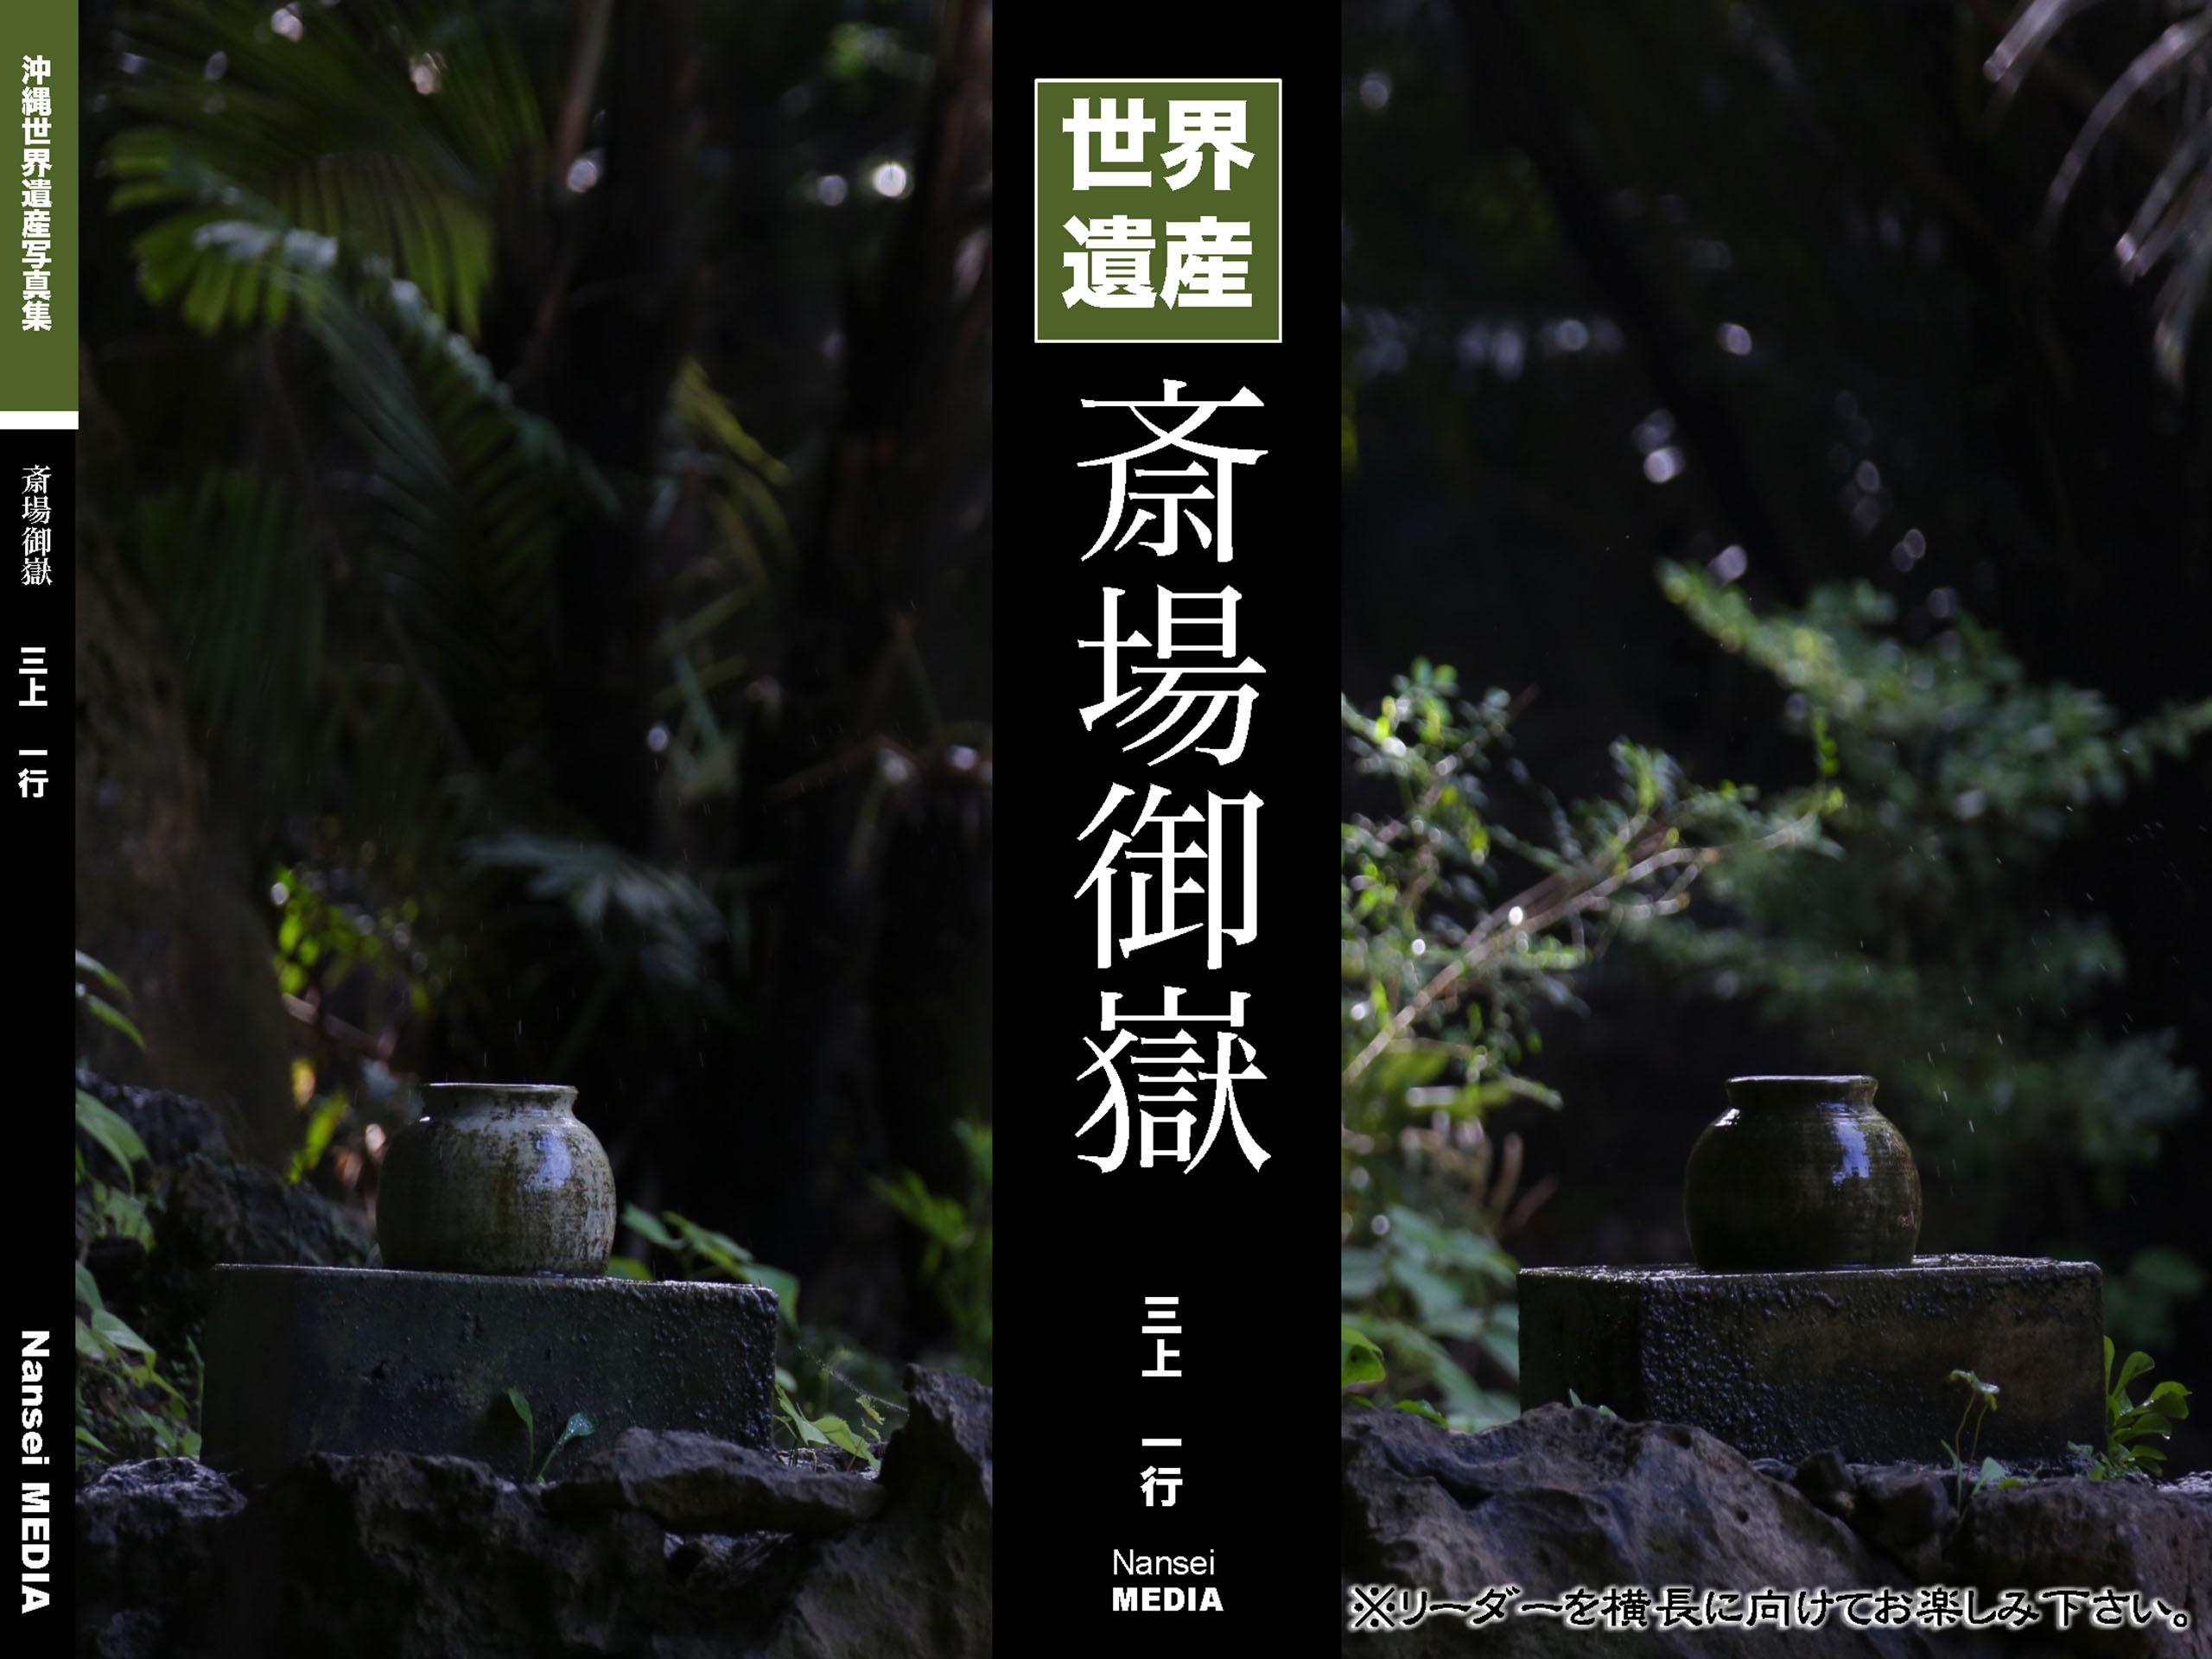 沖縄世界遺産写真集シリーズ05 世界遺産 斎場御嶽